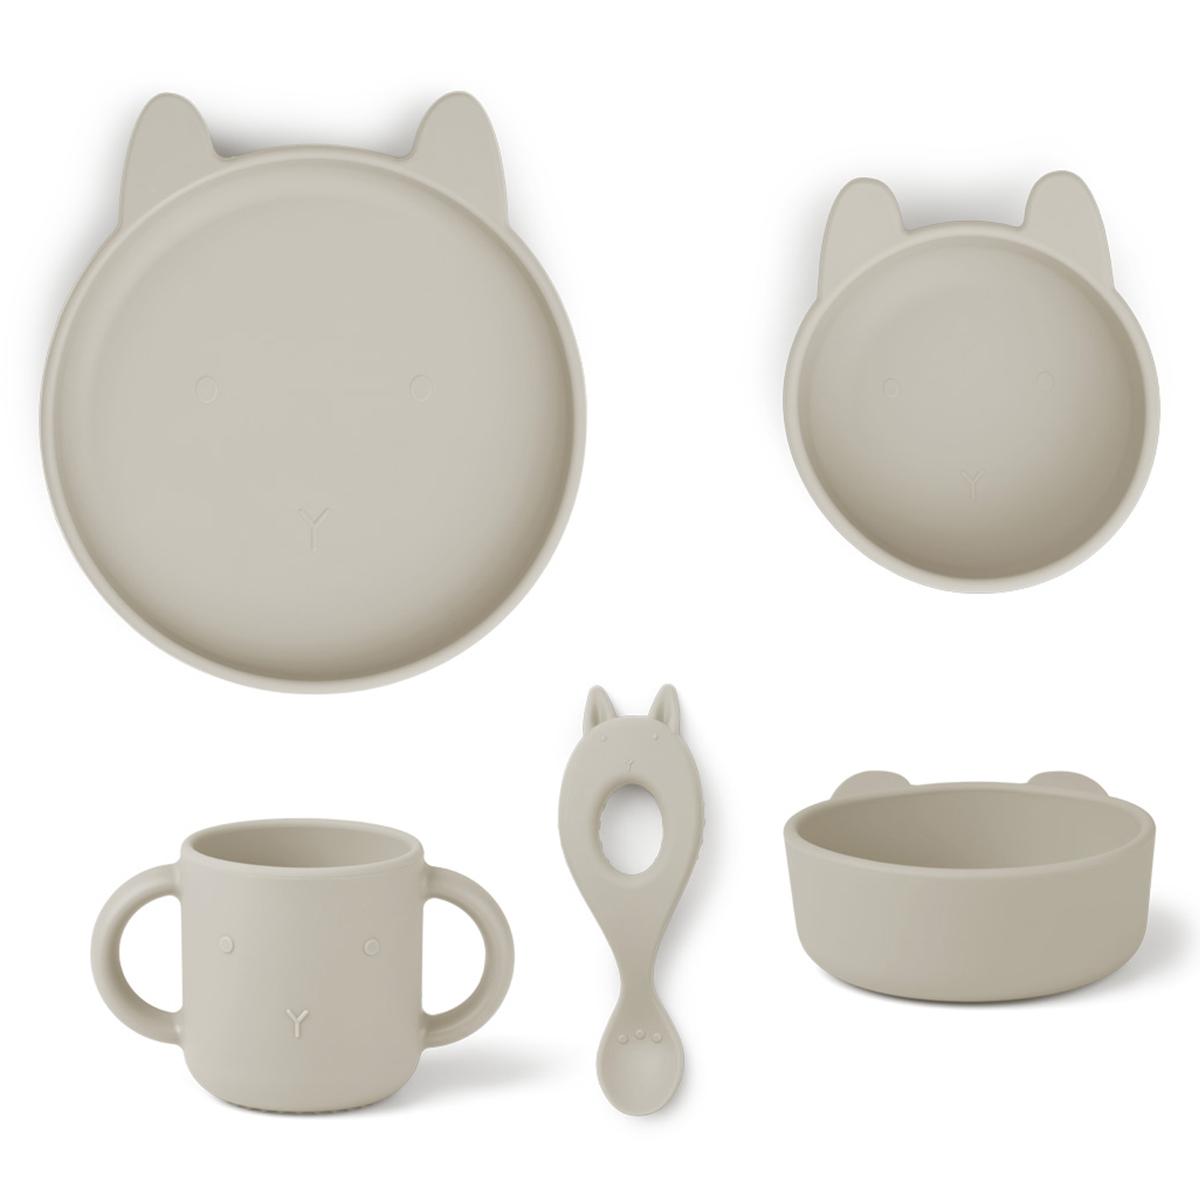 Coffret repas Set Repas 4 Pièces Vivi - Rabbit Sandy Set Repas 4 Pièces Vivi - Rabbit Sandy